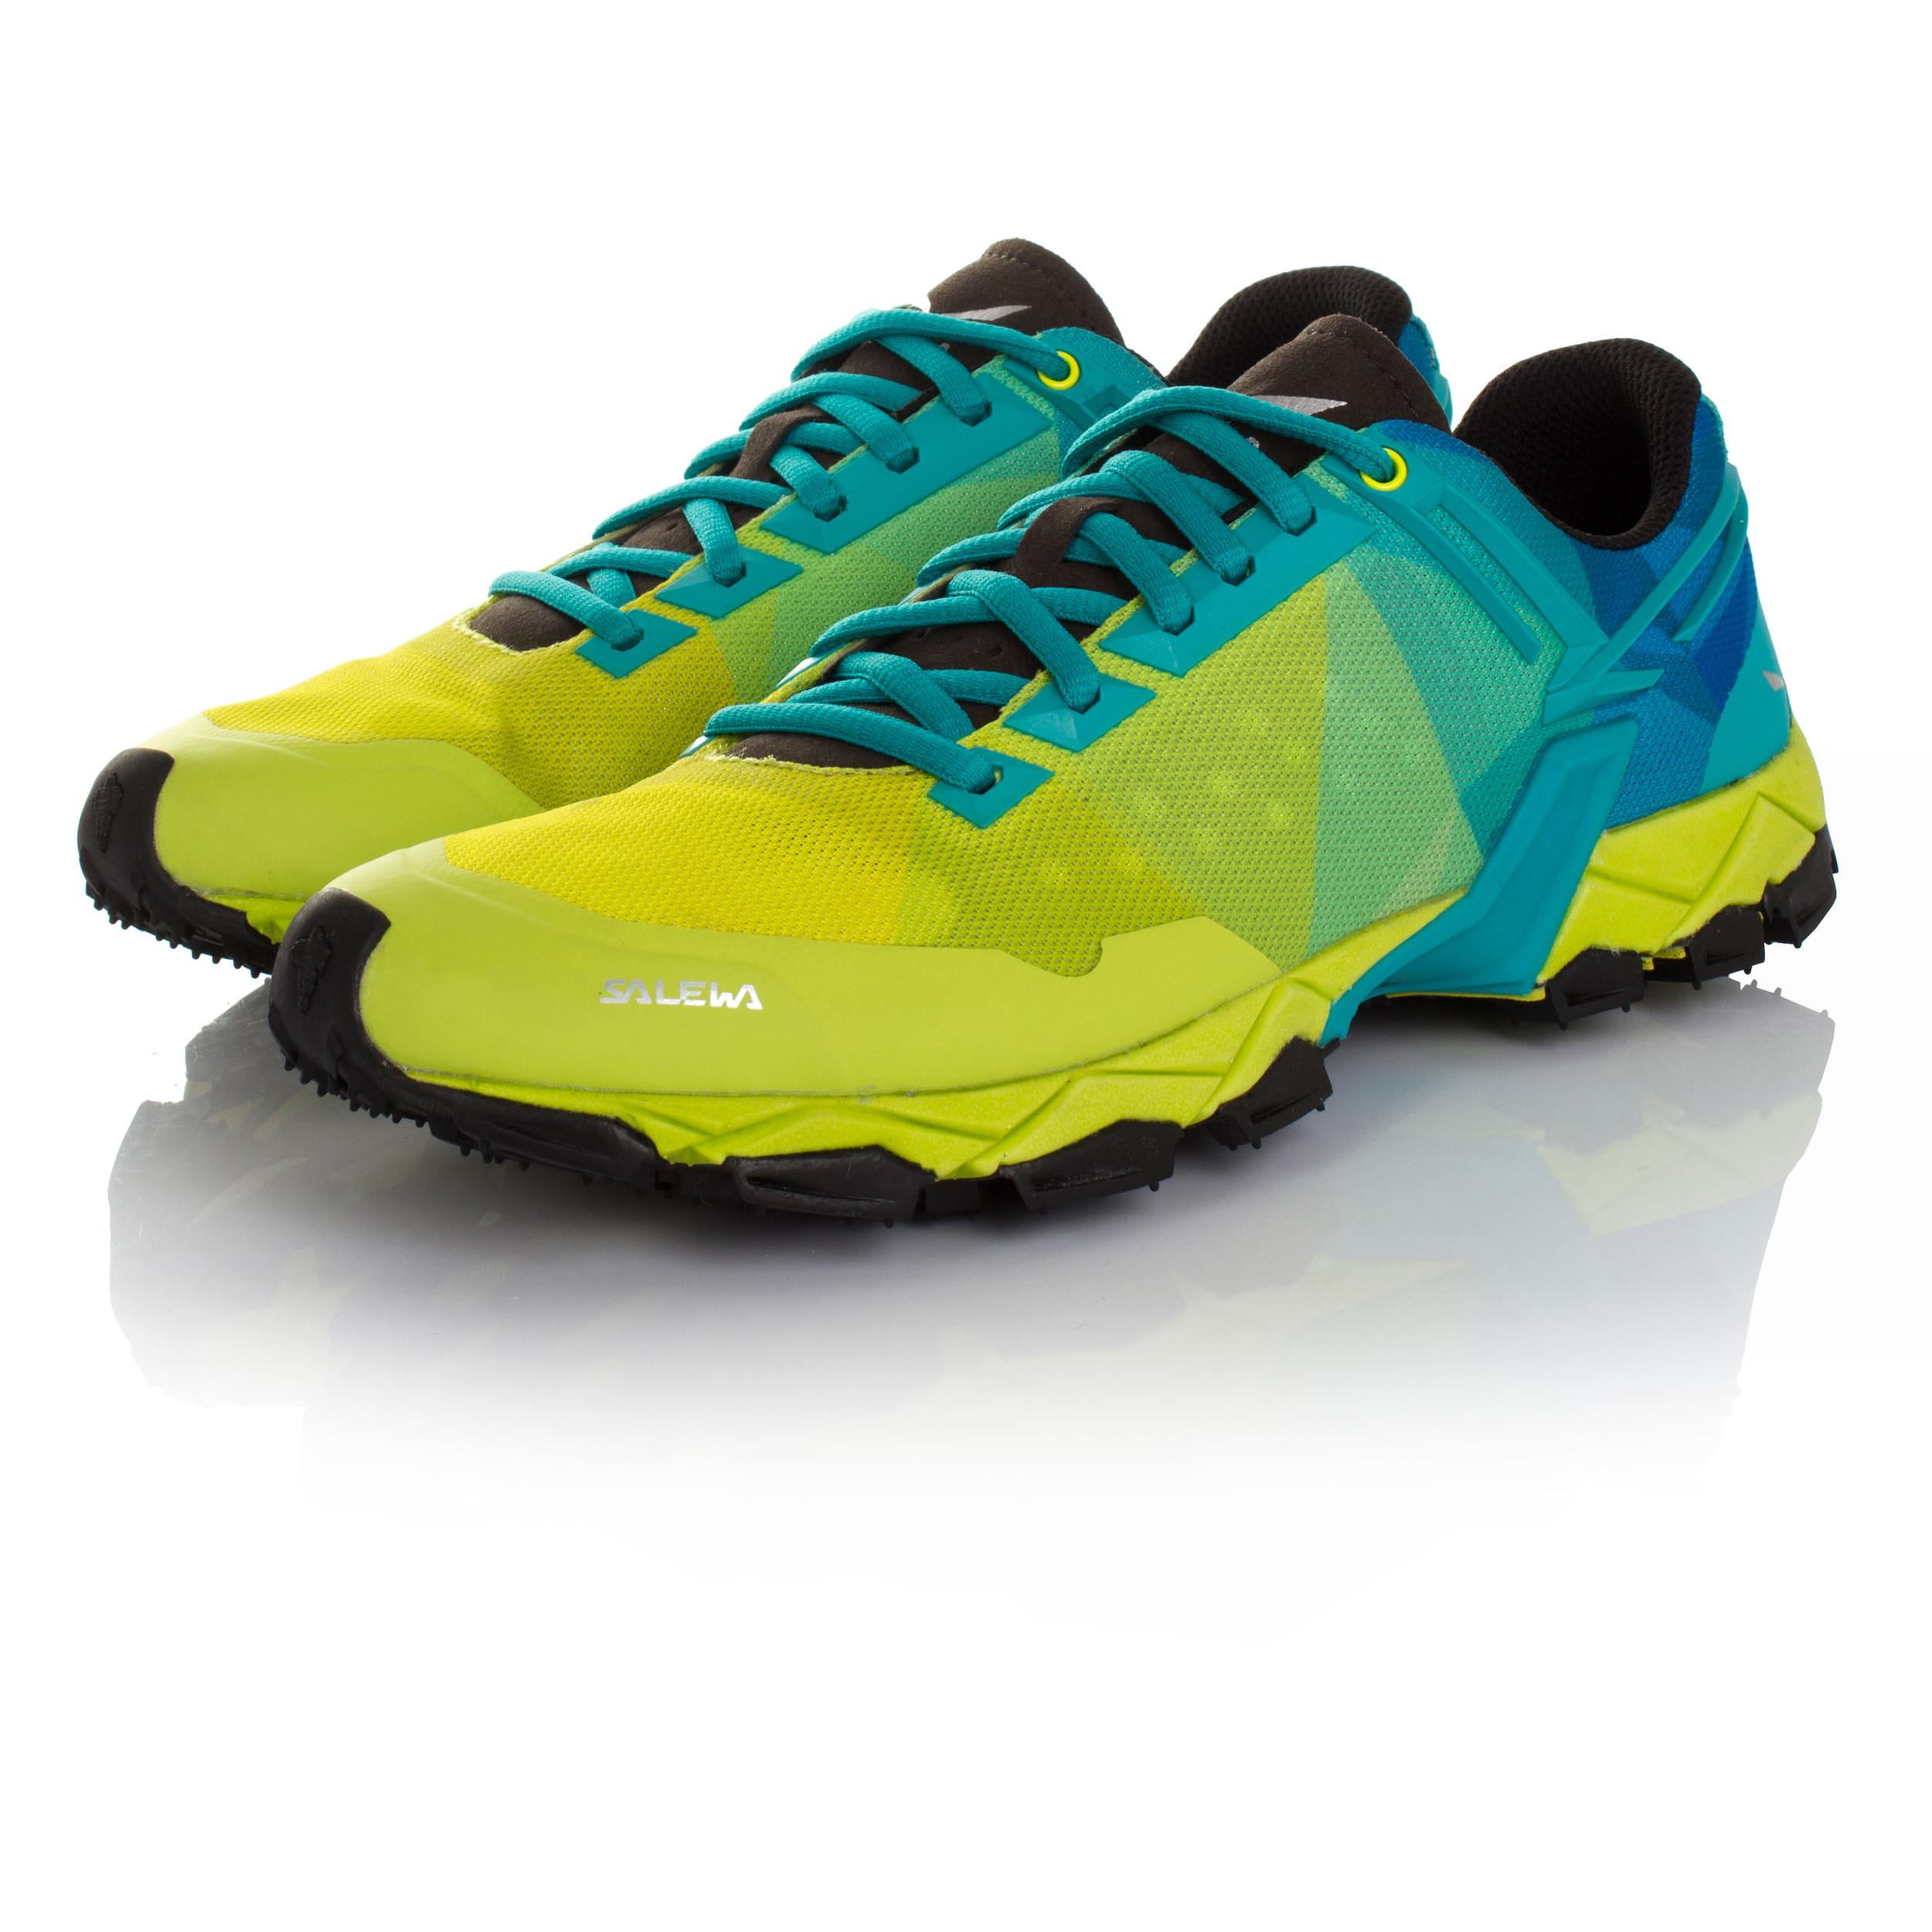 76fe7560609 Salewa Lite Train Hombre Verde Azul Sendero Running Deporte Zapatos  Zapatillas